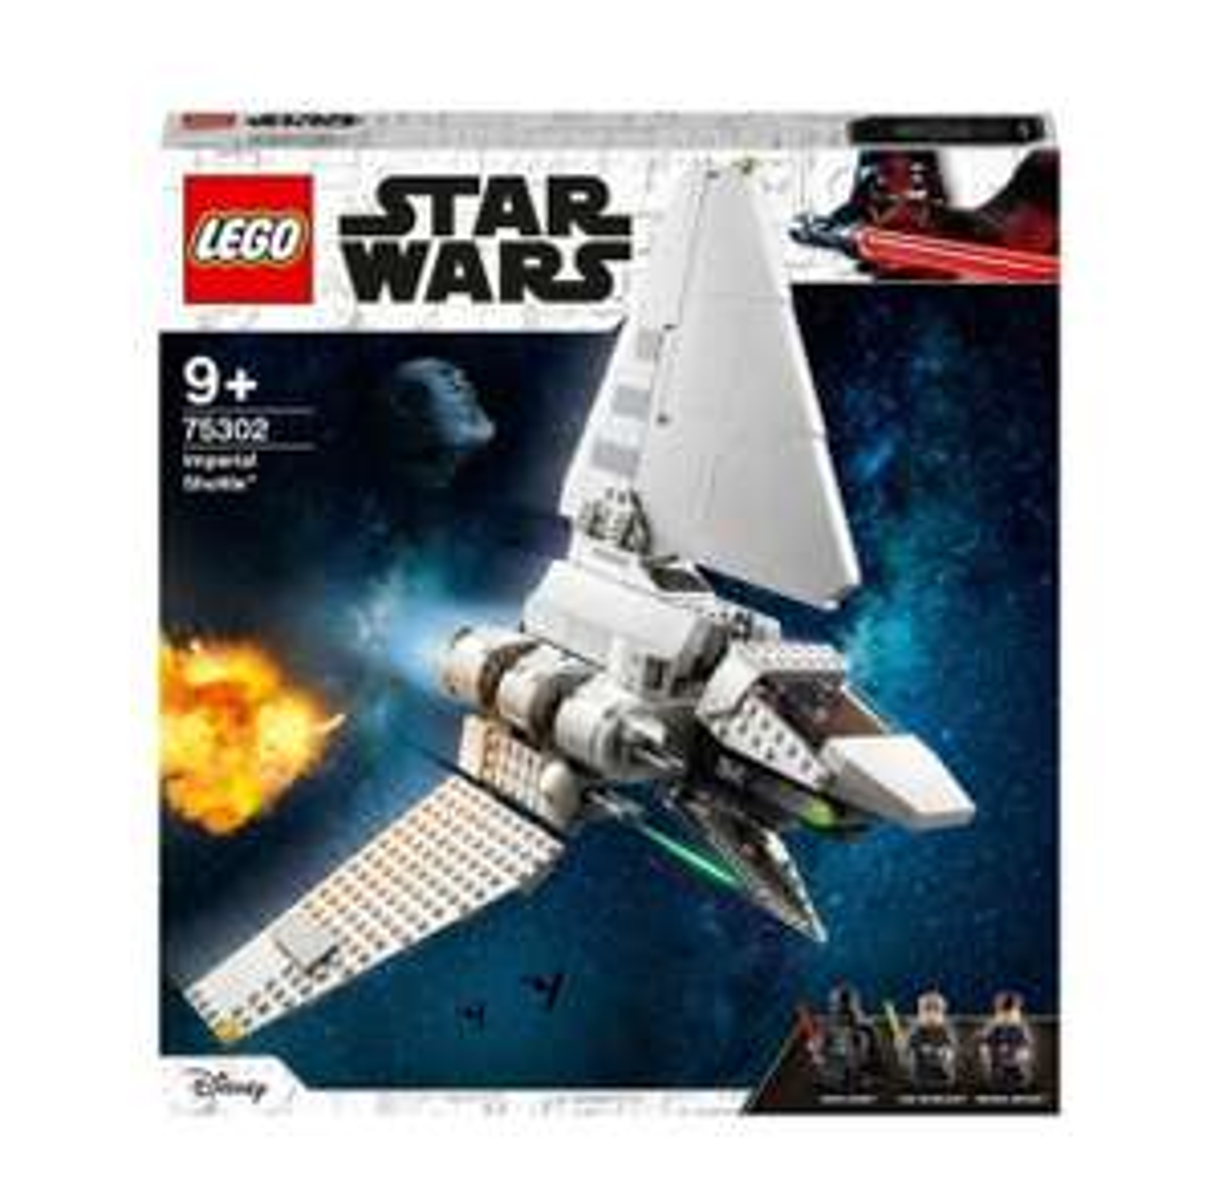 LEGO Star Wars 75302 Imperial Shuttle - £55.99 delivered @ Smyths Toys